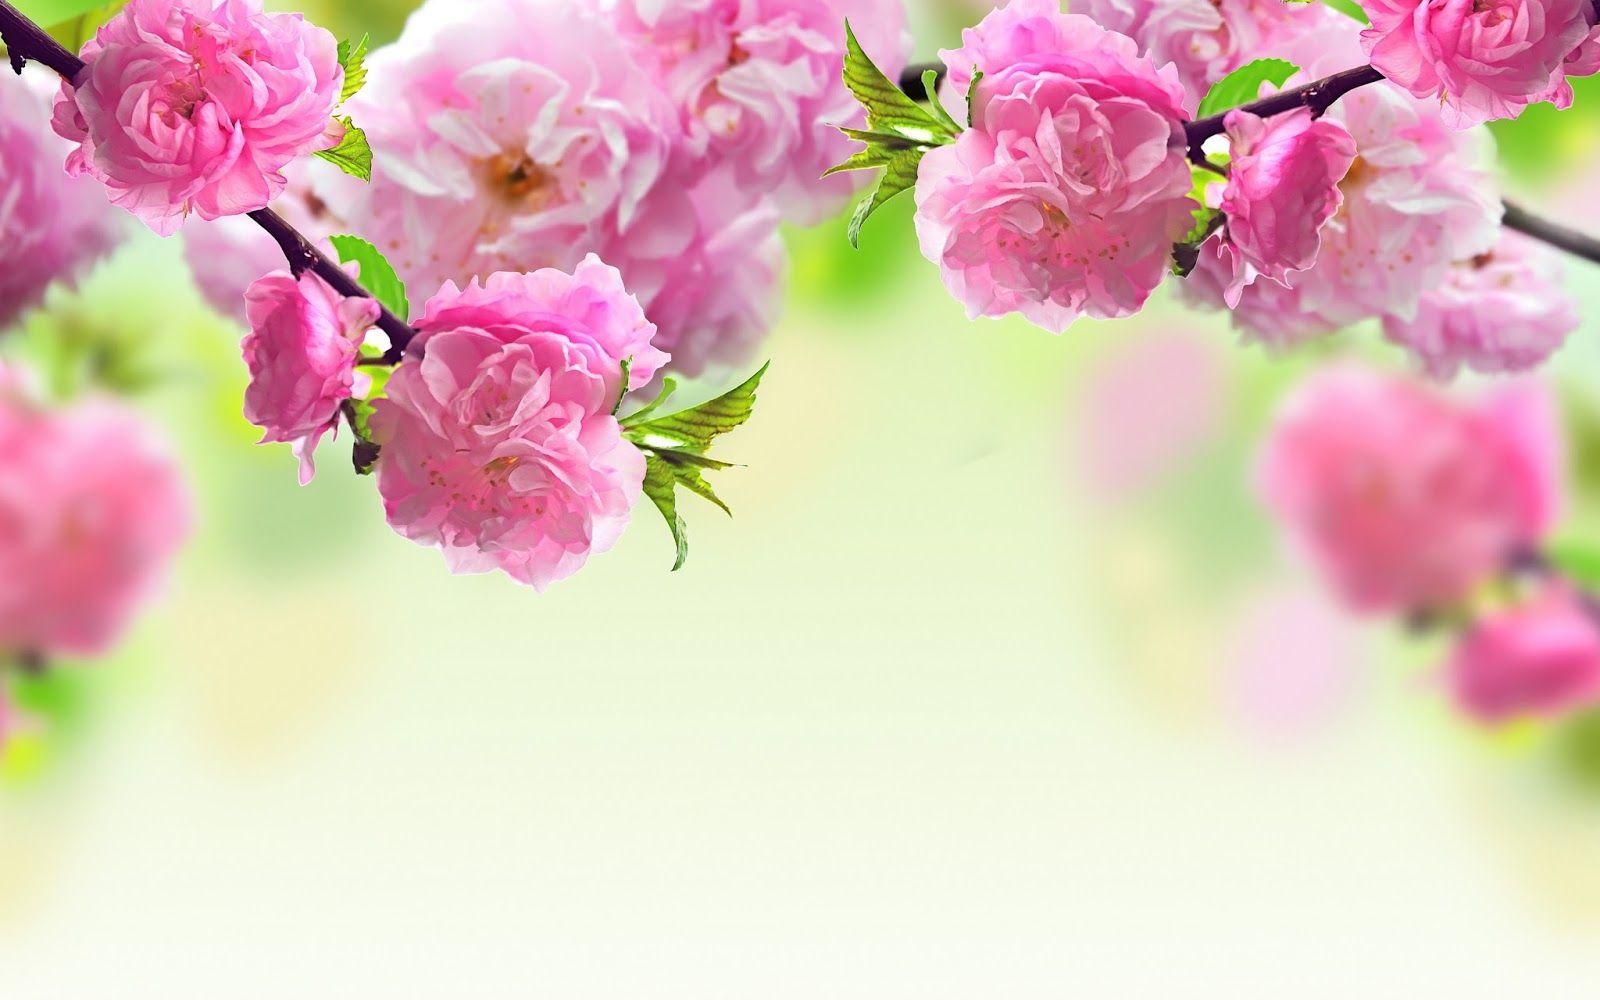 Desktop Wallpaper Hd Flowers 1920 1200 Wallpaper Hd Flowers 39 Wallpapers Ad Spring Flowers Wallpaper Spring Flowers Background Flower Background Wallpaper